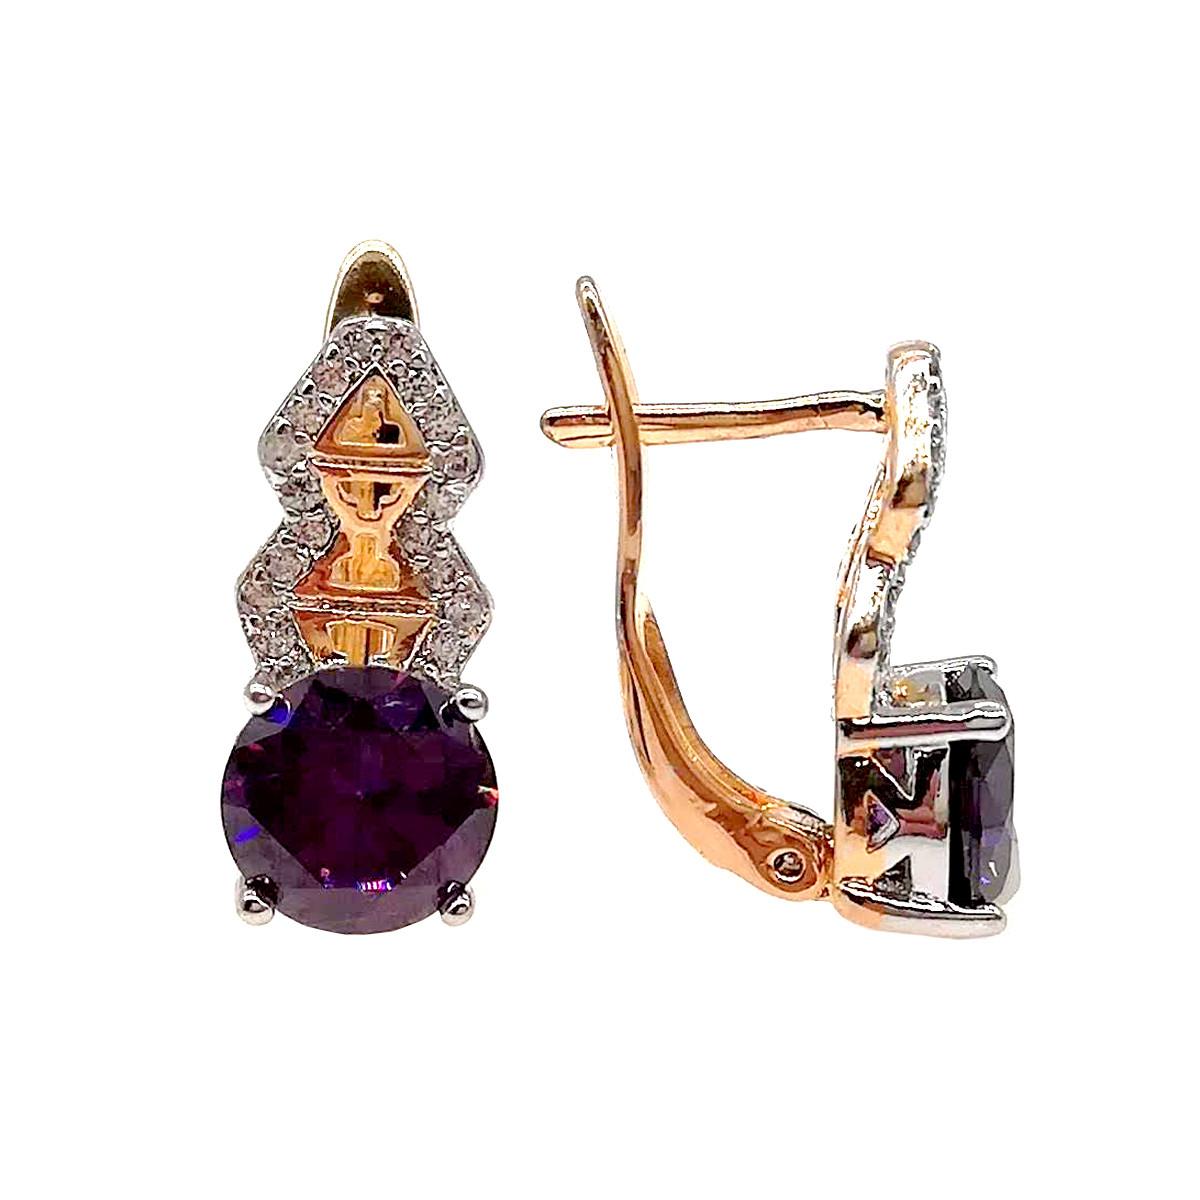 Сережки Хиріпд з медичного золота з фіолетовими і білими фіанітами (куб. цирконієм) в позолоті, покриті родієм, ХР00229 (1)